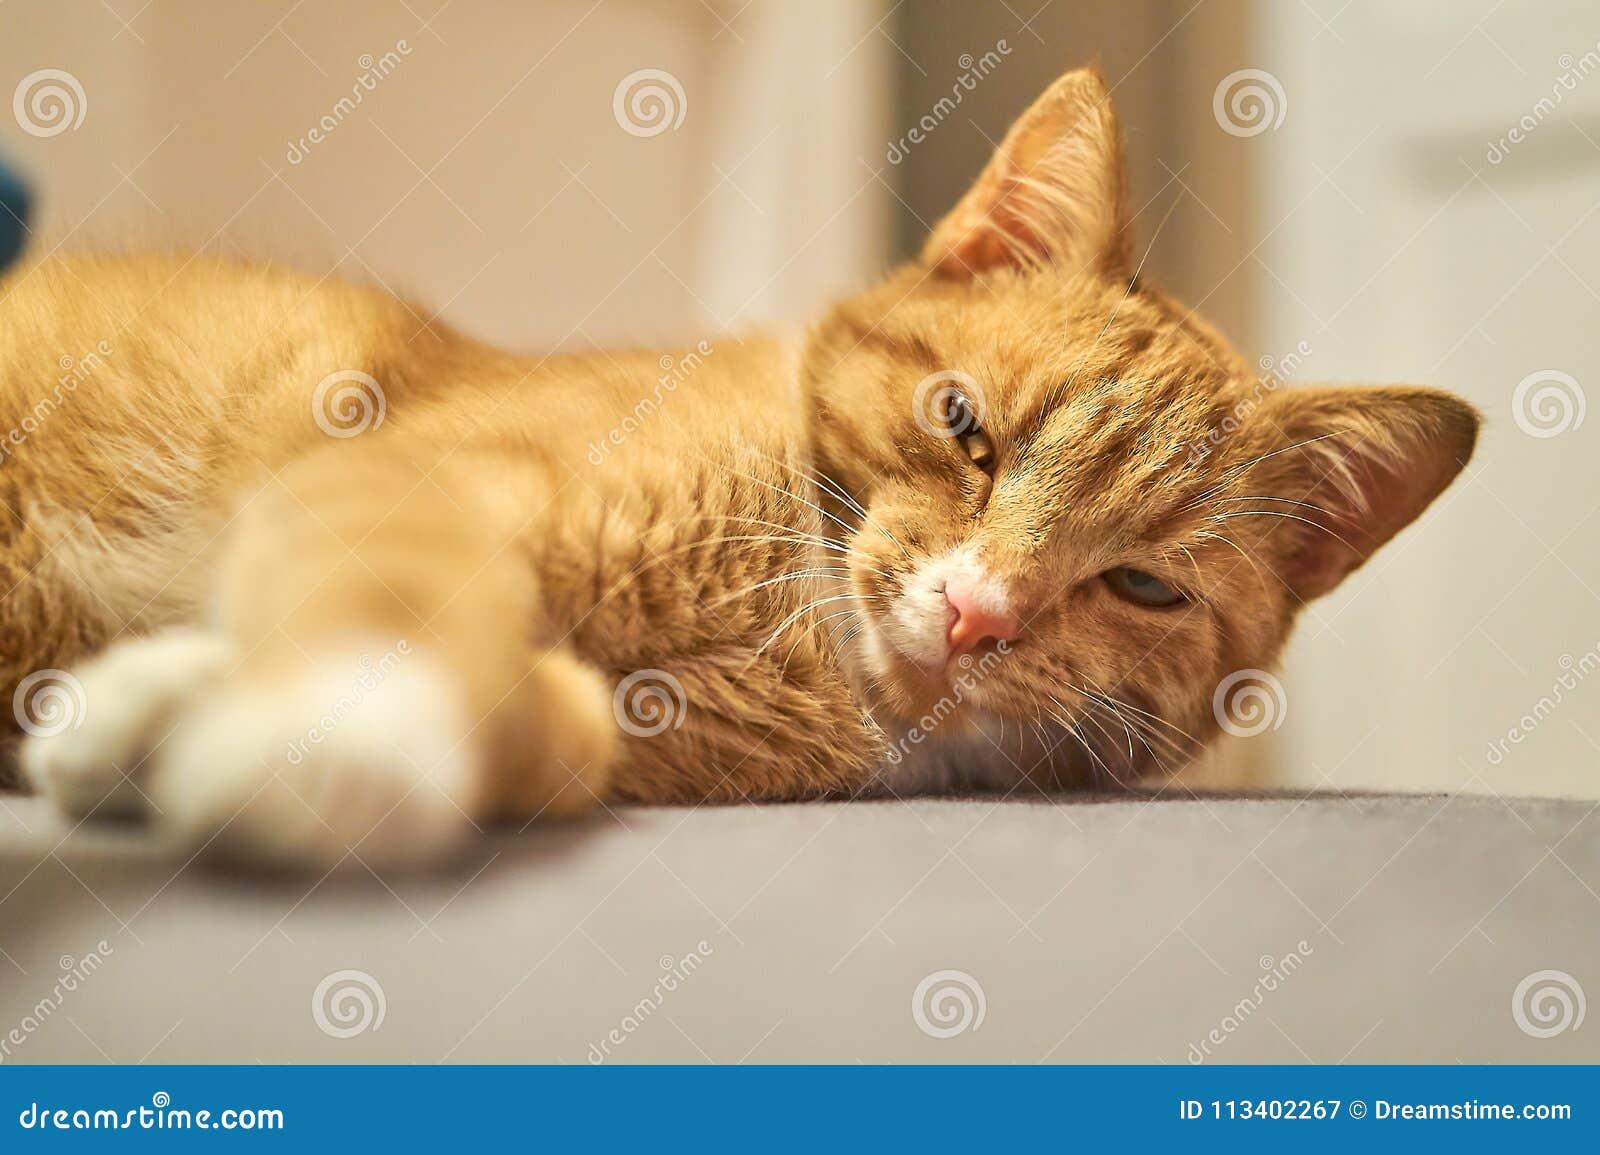 Cute sleepy red cat